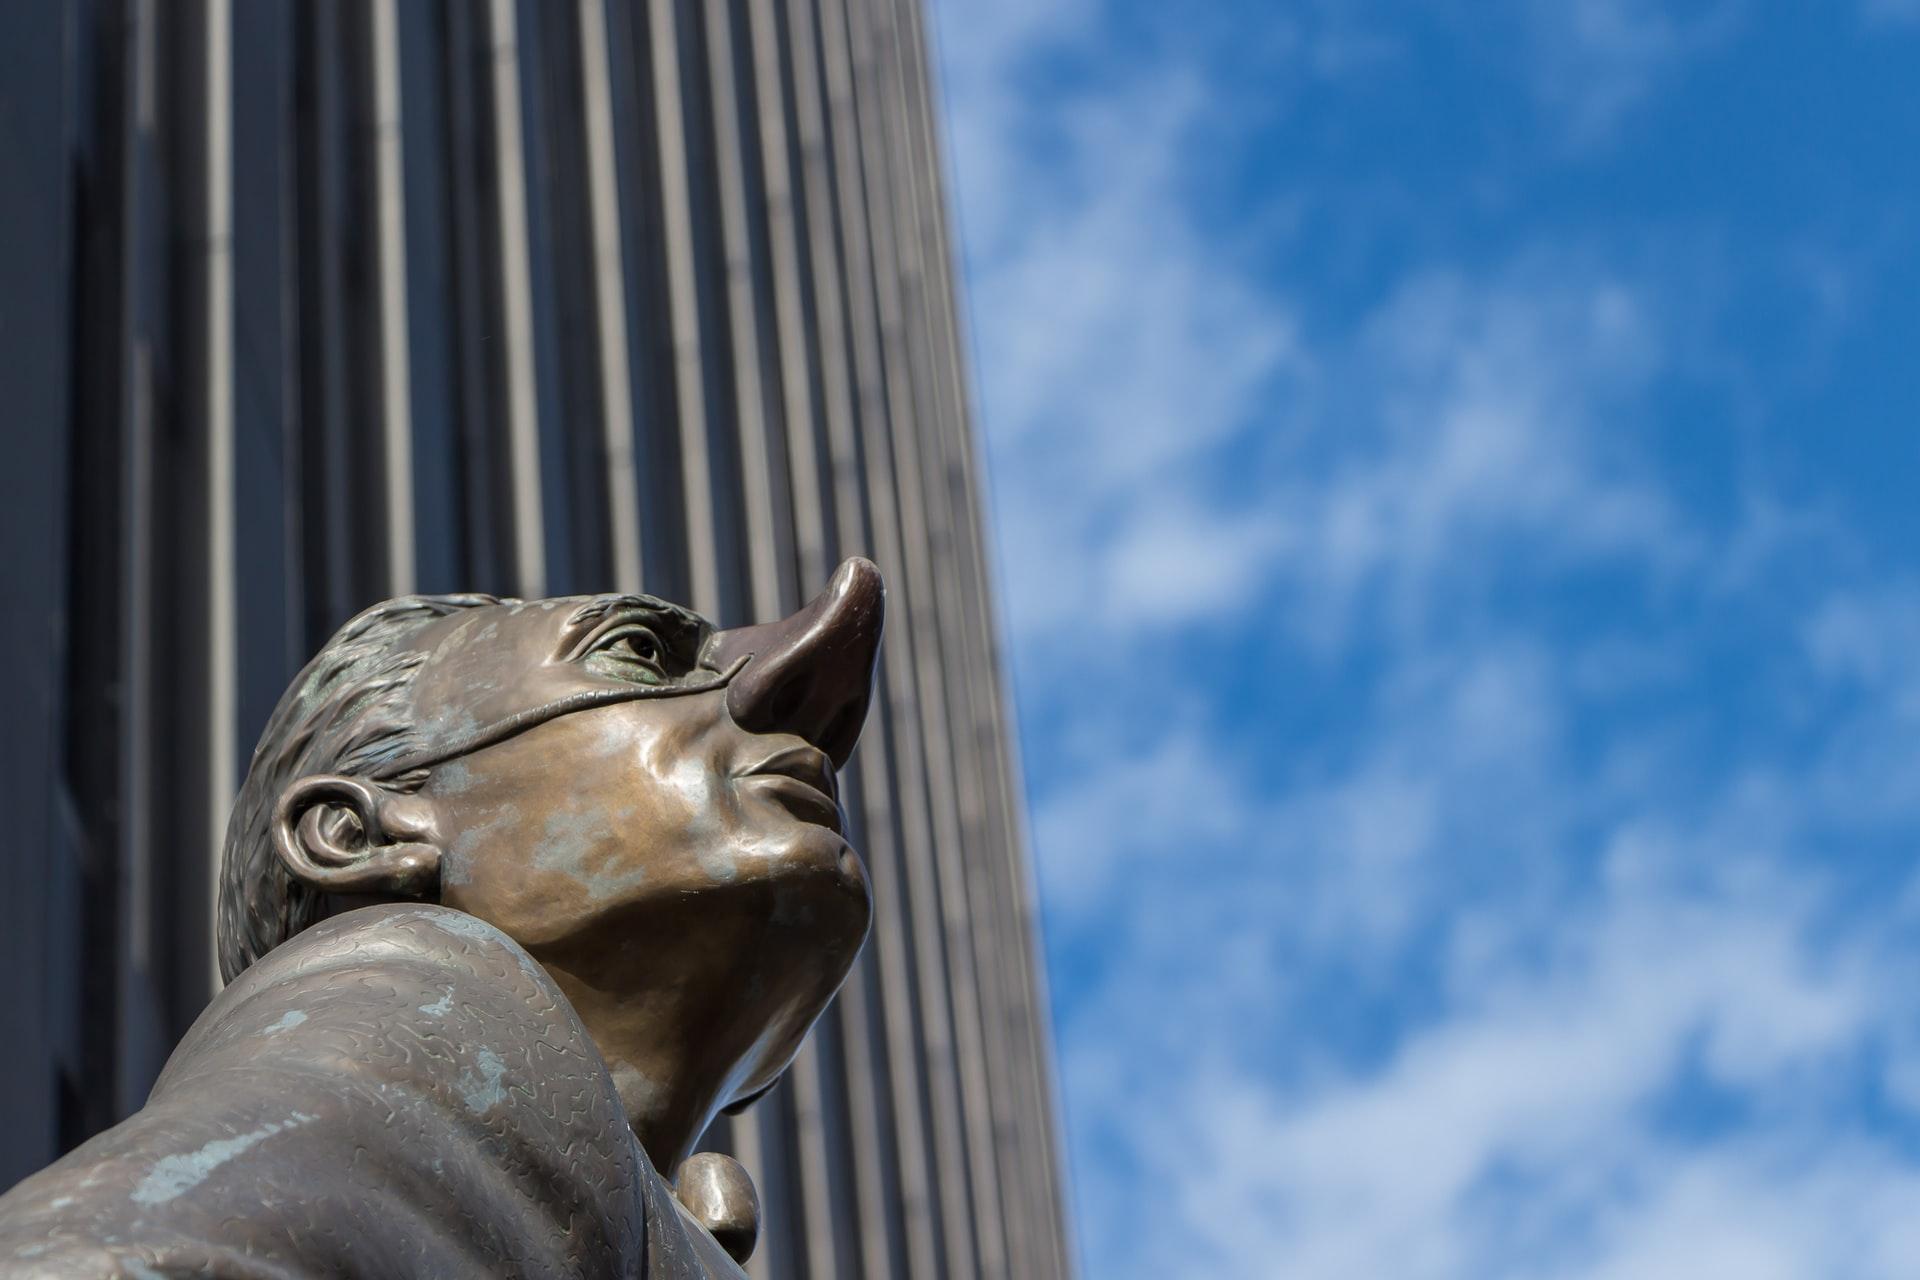 鼻の高々に自慢気な顔の銅像